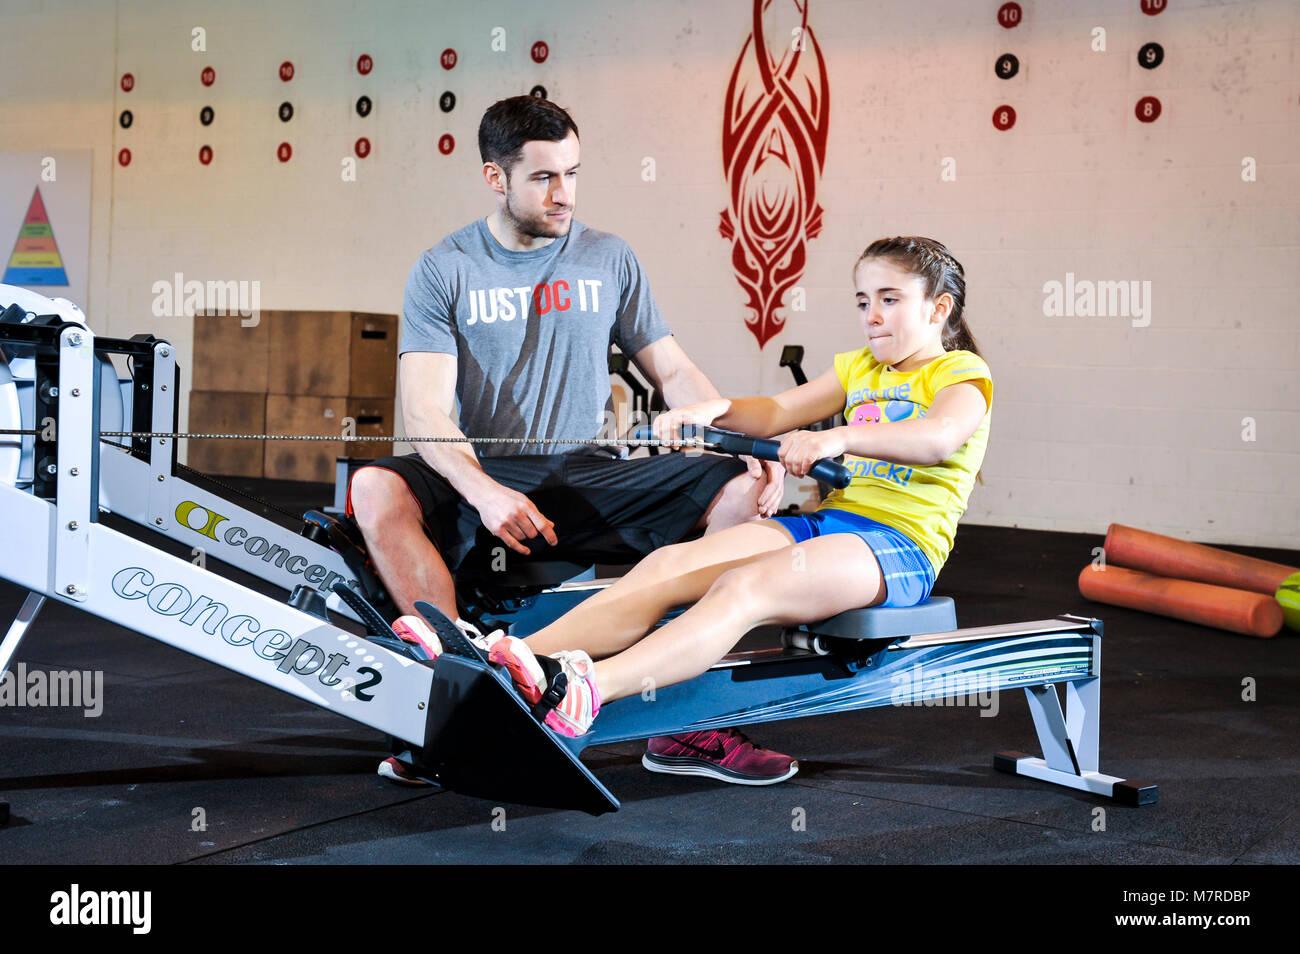 Une jeune fille a donné une leçon sur un rameur dans une salle de sport. Photo Stock